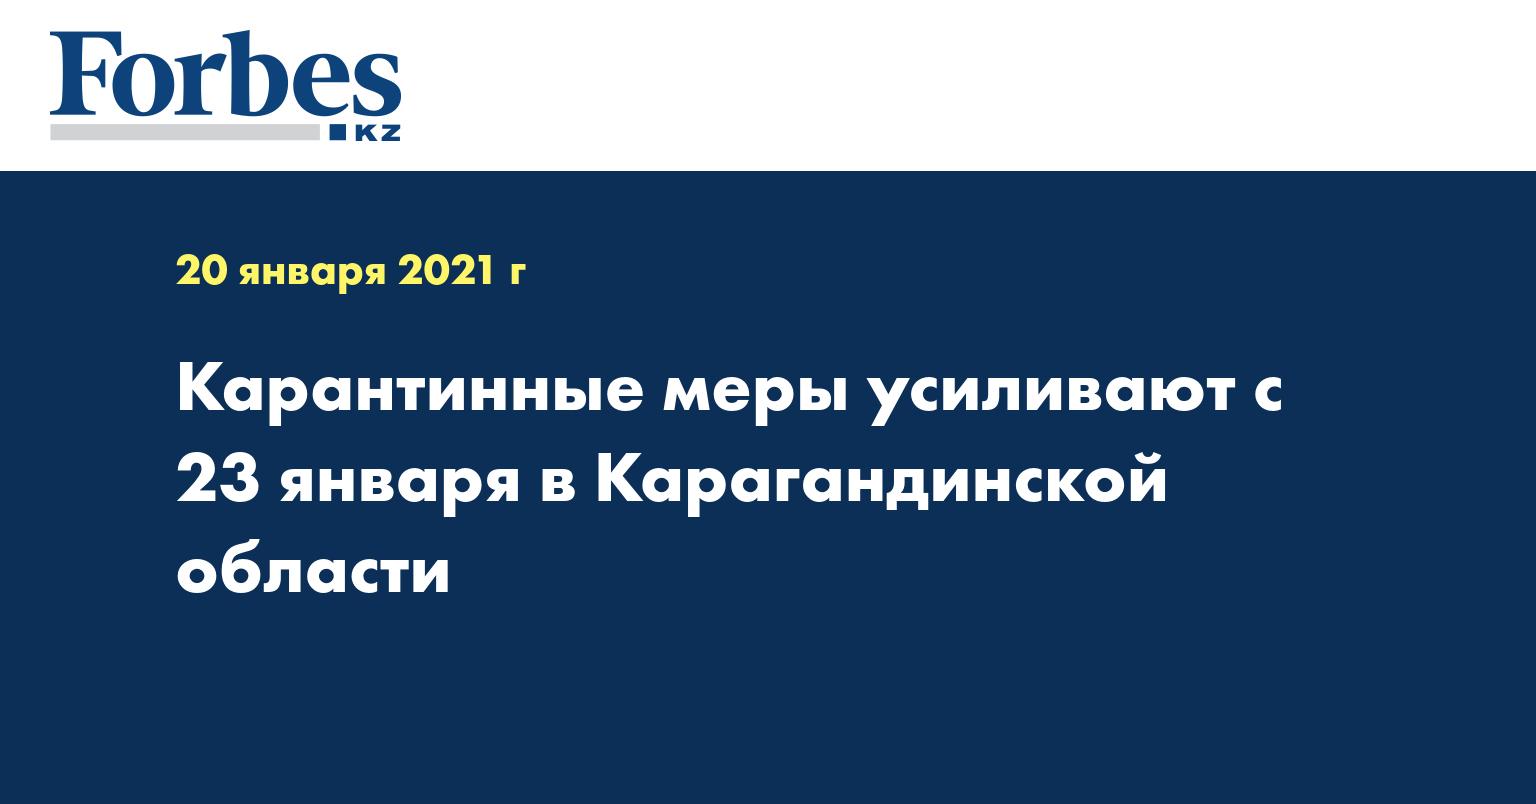 Карантинные меры усиливают с 23 января в Карагандинской области